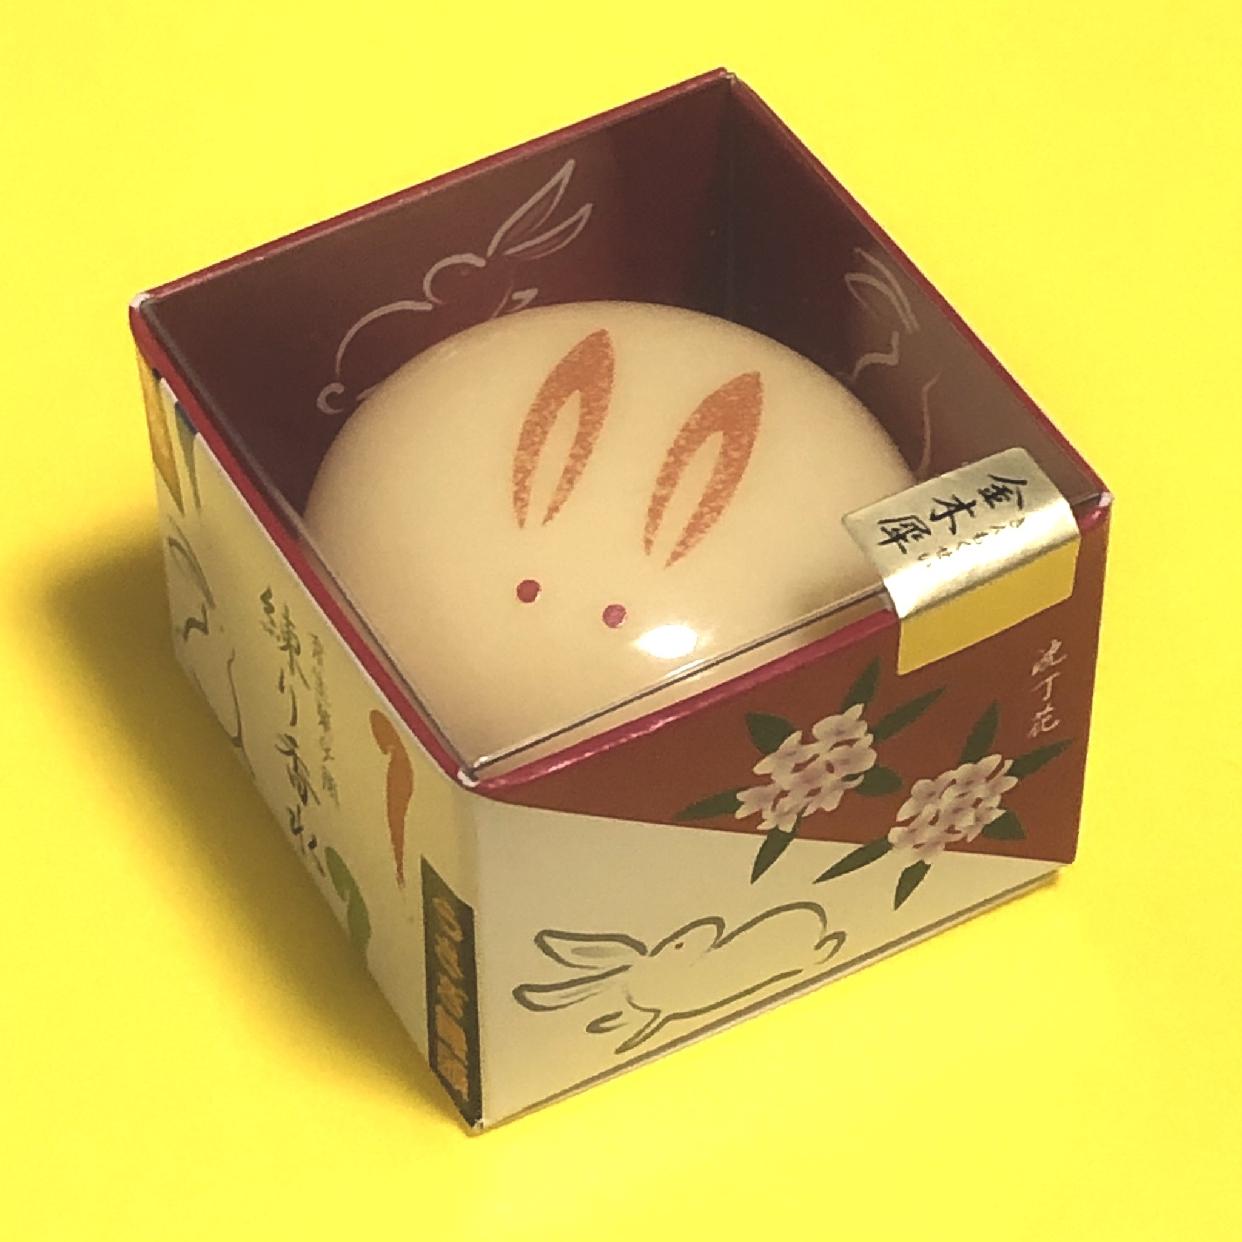 京都コスメ(きょうとこすめ)舞妓さん 練り香水 うさぎ饅頭を使った gaho《がほ》さんの口コミ画像3